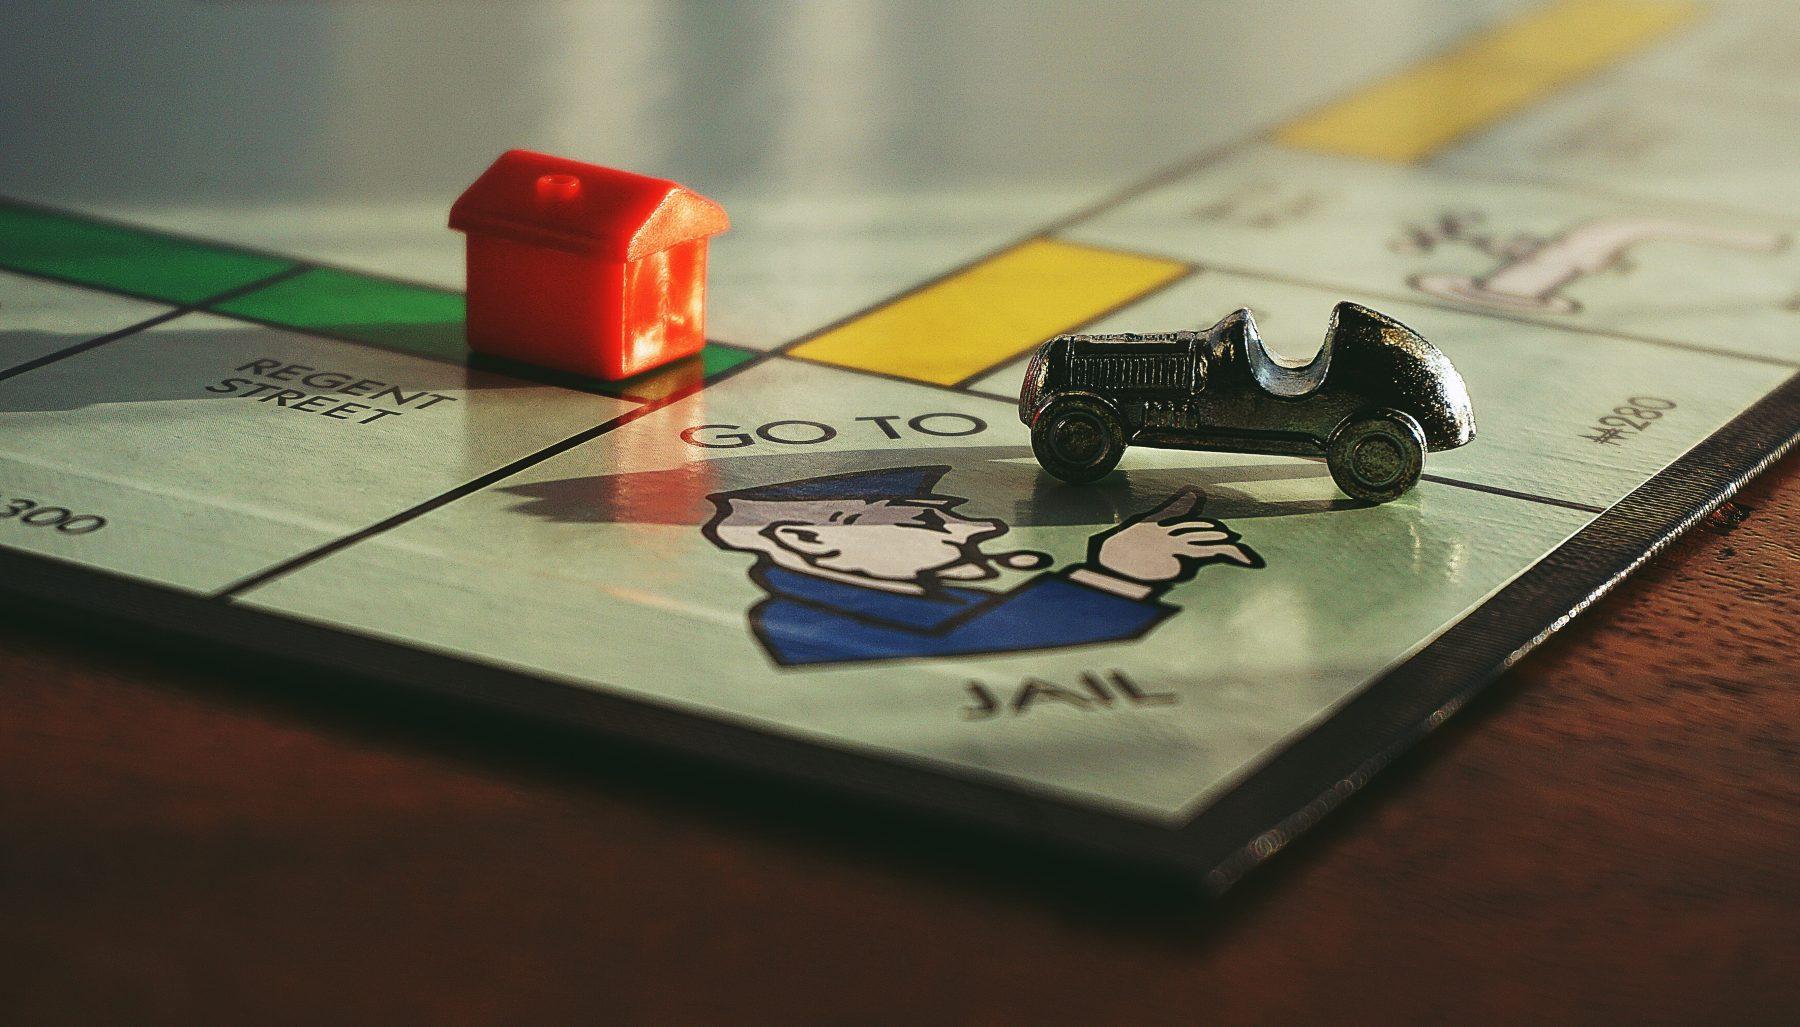 Verlaat de gevangenis zonder te betalen: man zet Monopoly-kaart in na arrestatie